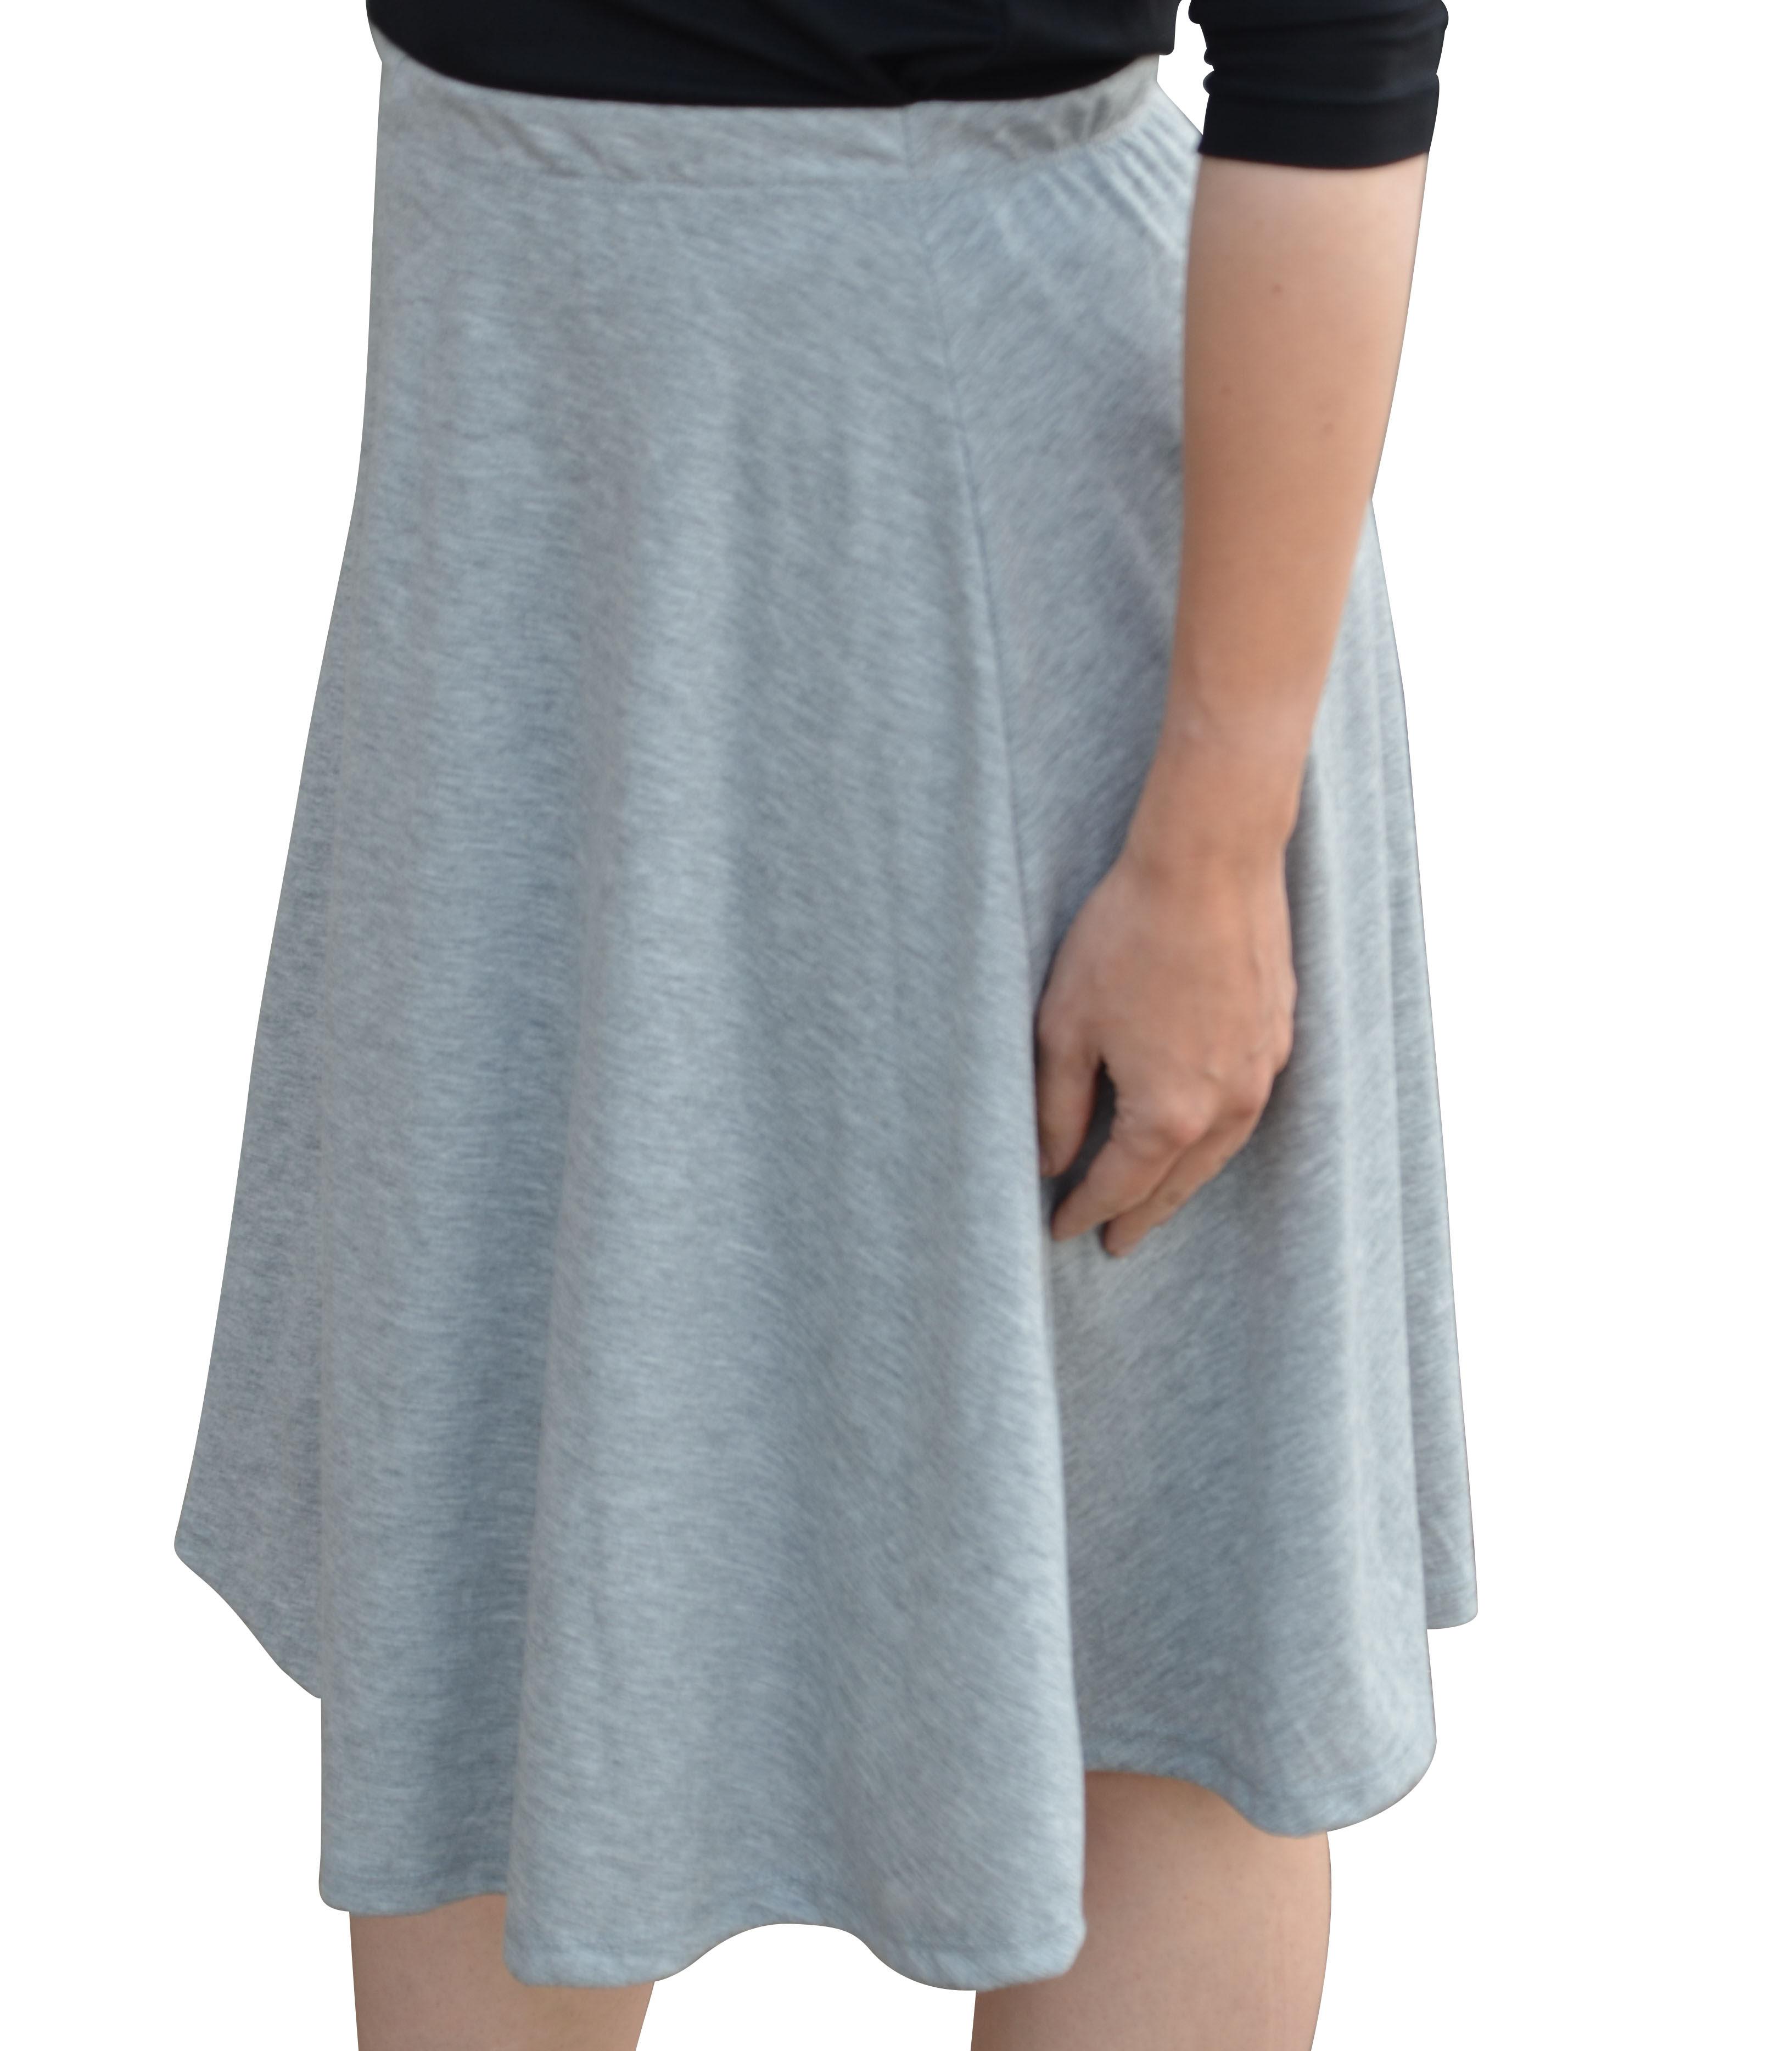 Girl long full skirt denim navy blue jean modest size 2 3 4 5 6 7 8 10 12 14